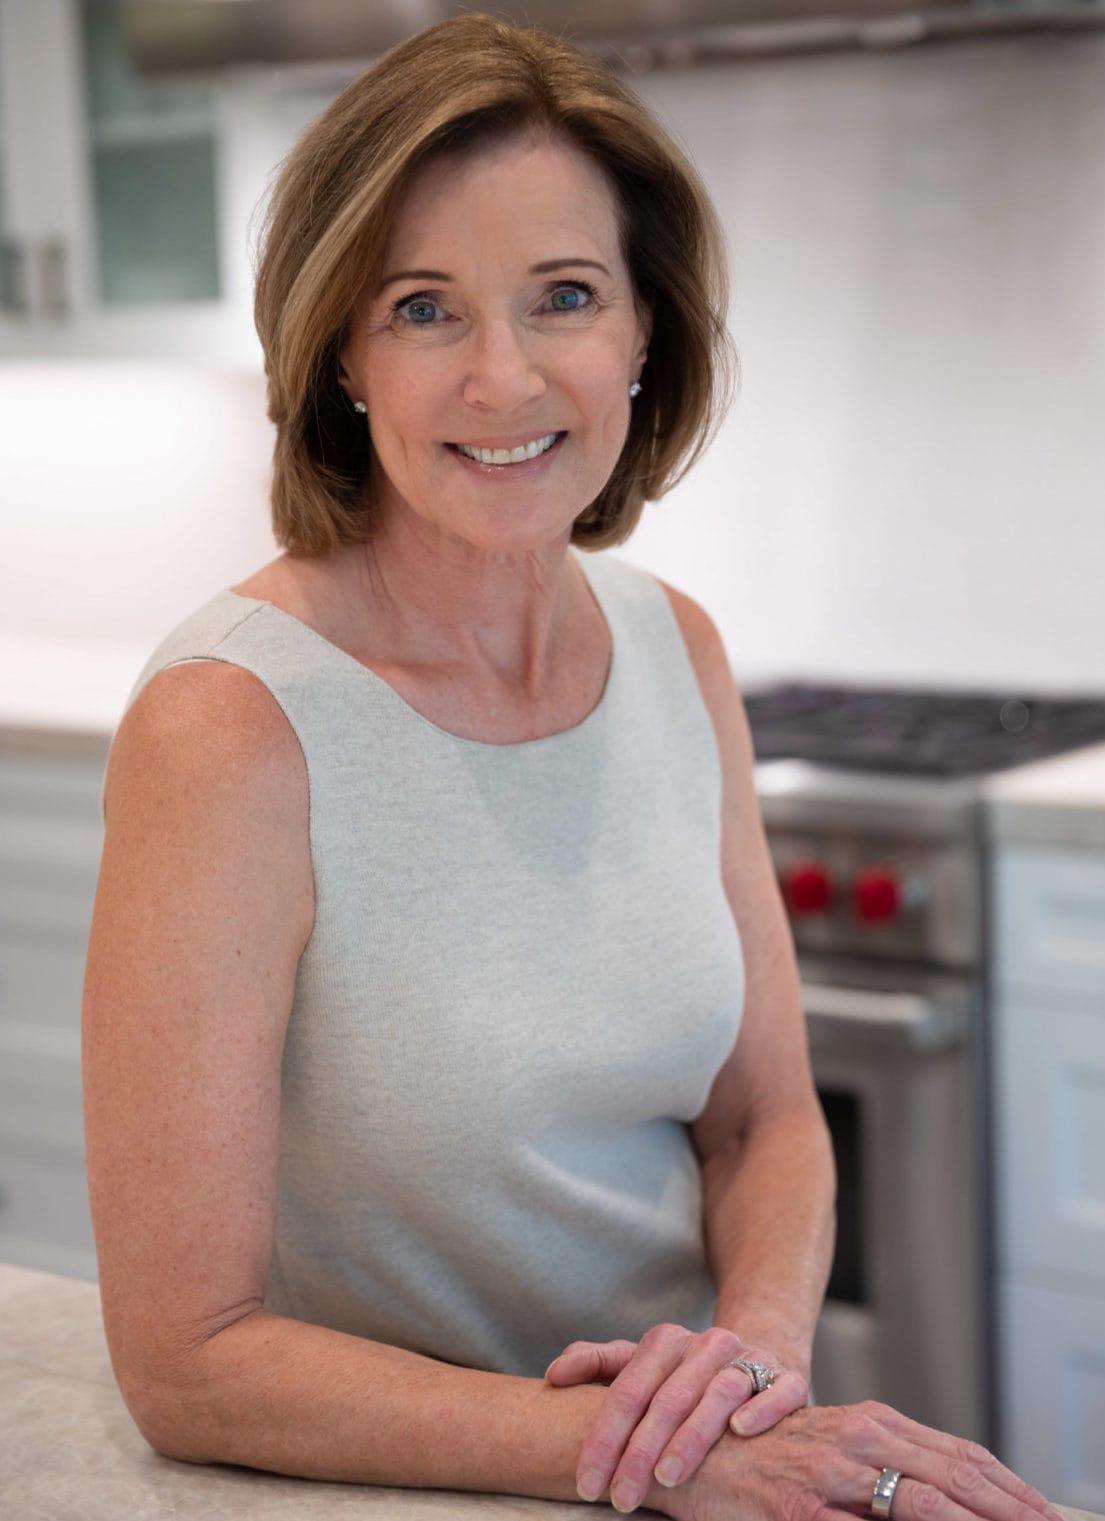 Chef Sally Cameron